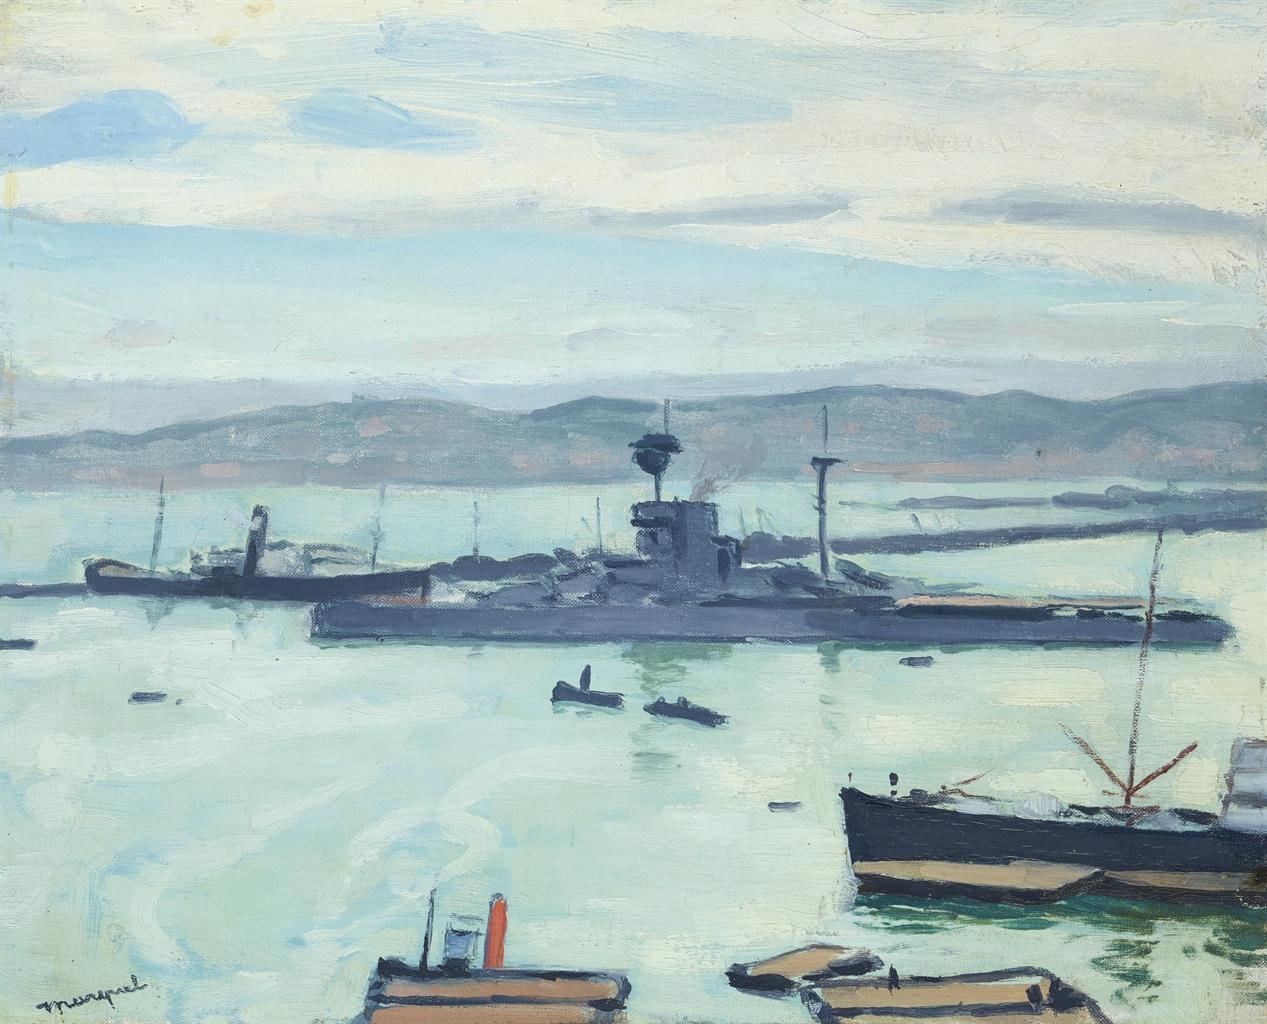 Albert Marquet-Le croiseur-1922